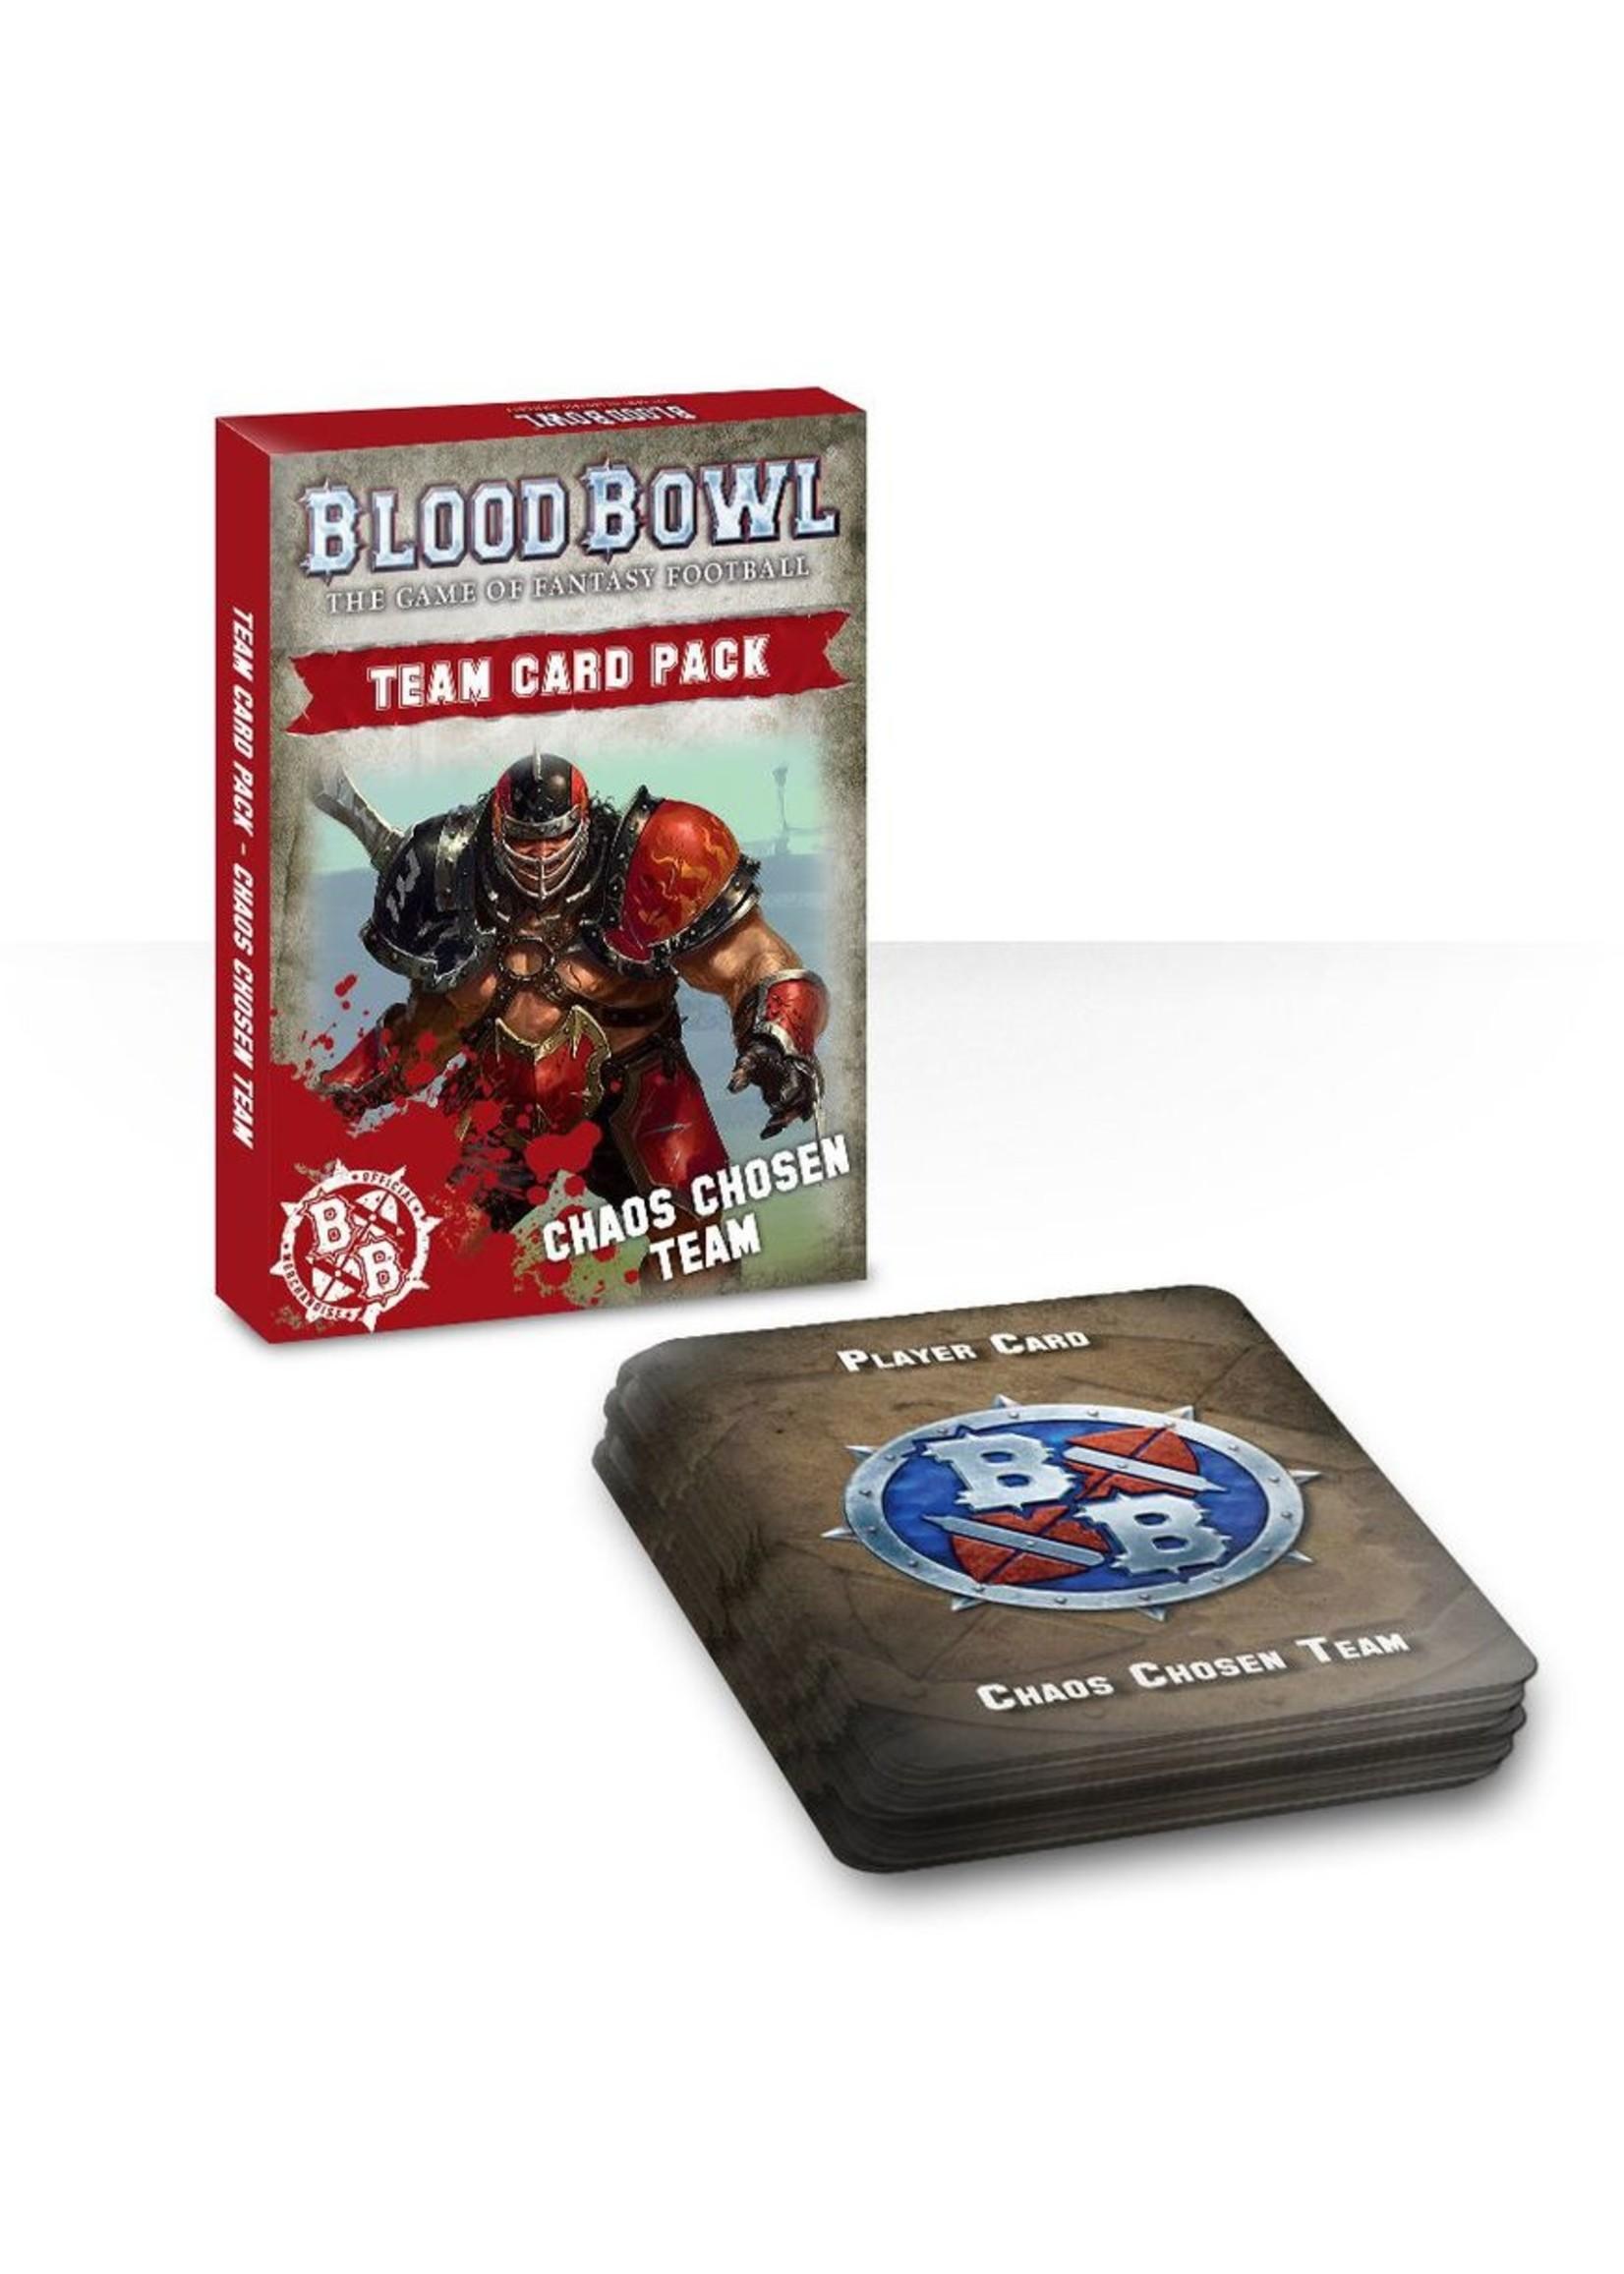 Blood Bowl: Chaos Chosen Team Card Pack